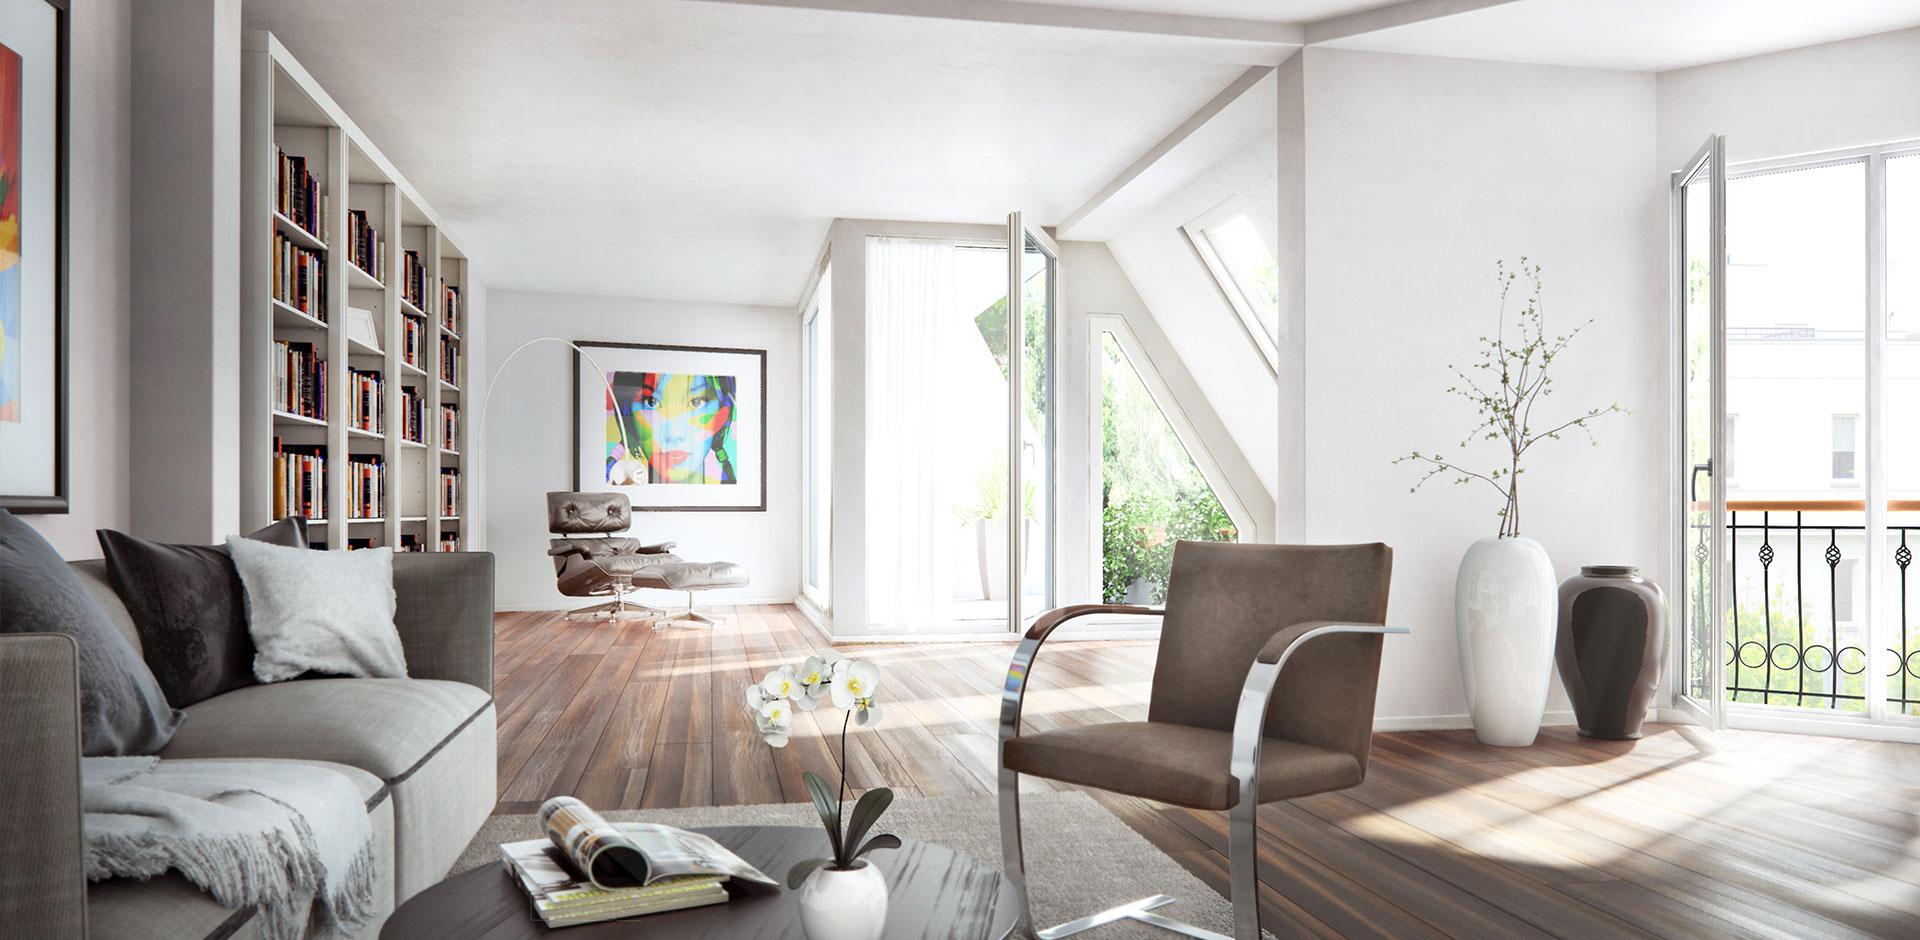 Goethestrasse Wohnzimmer